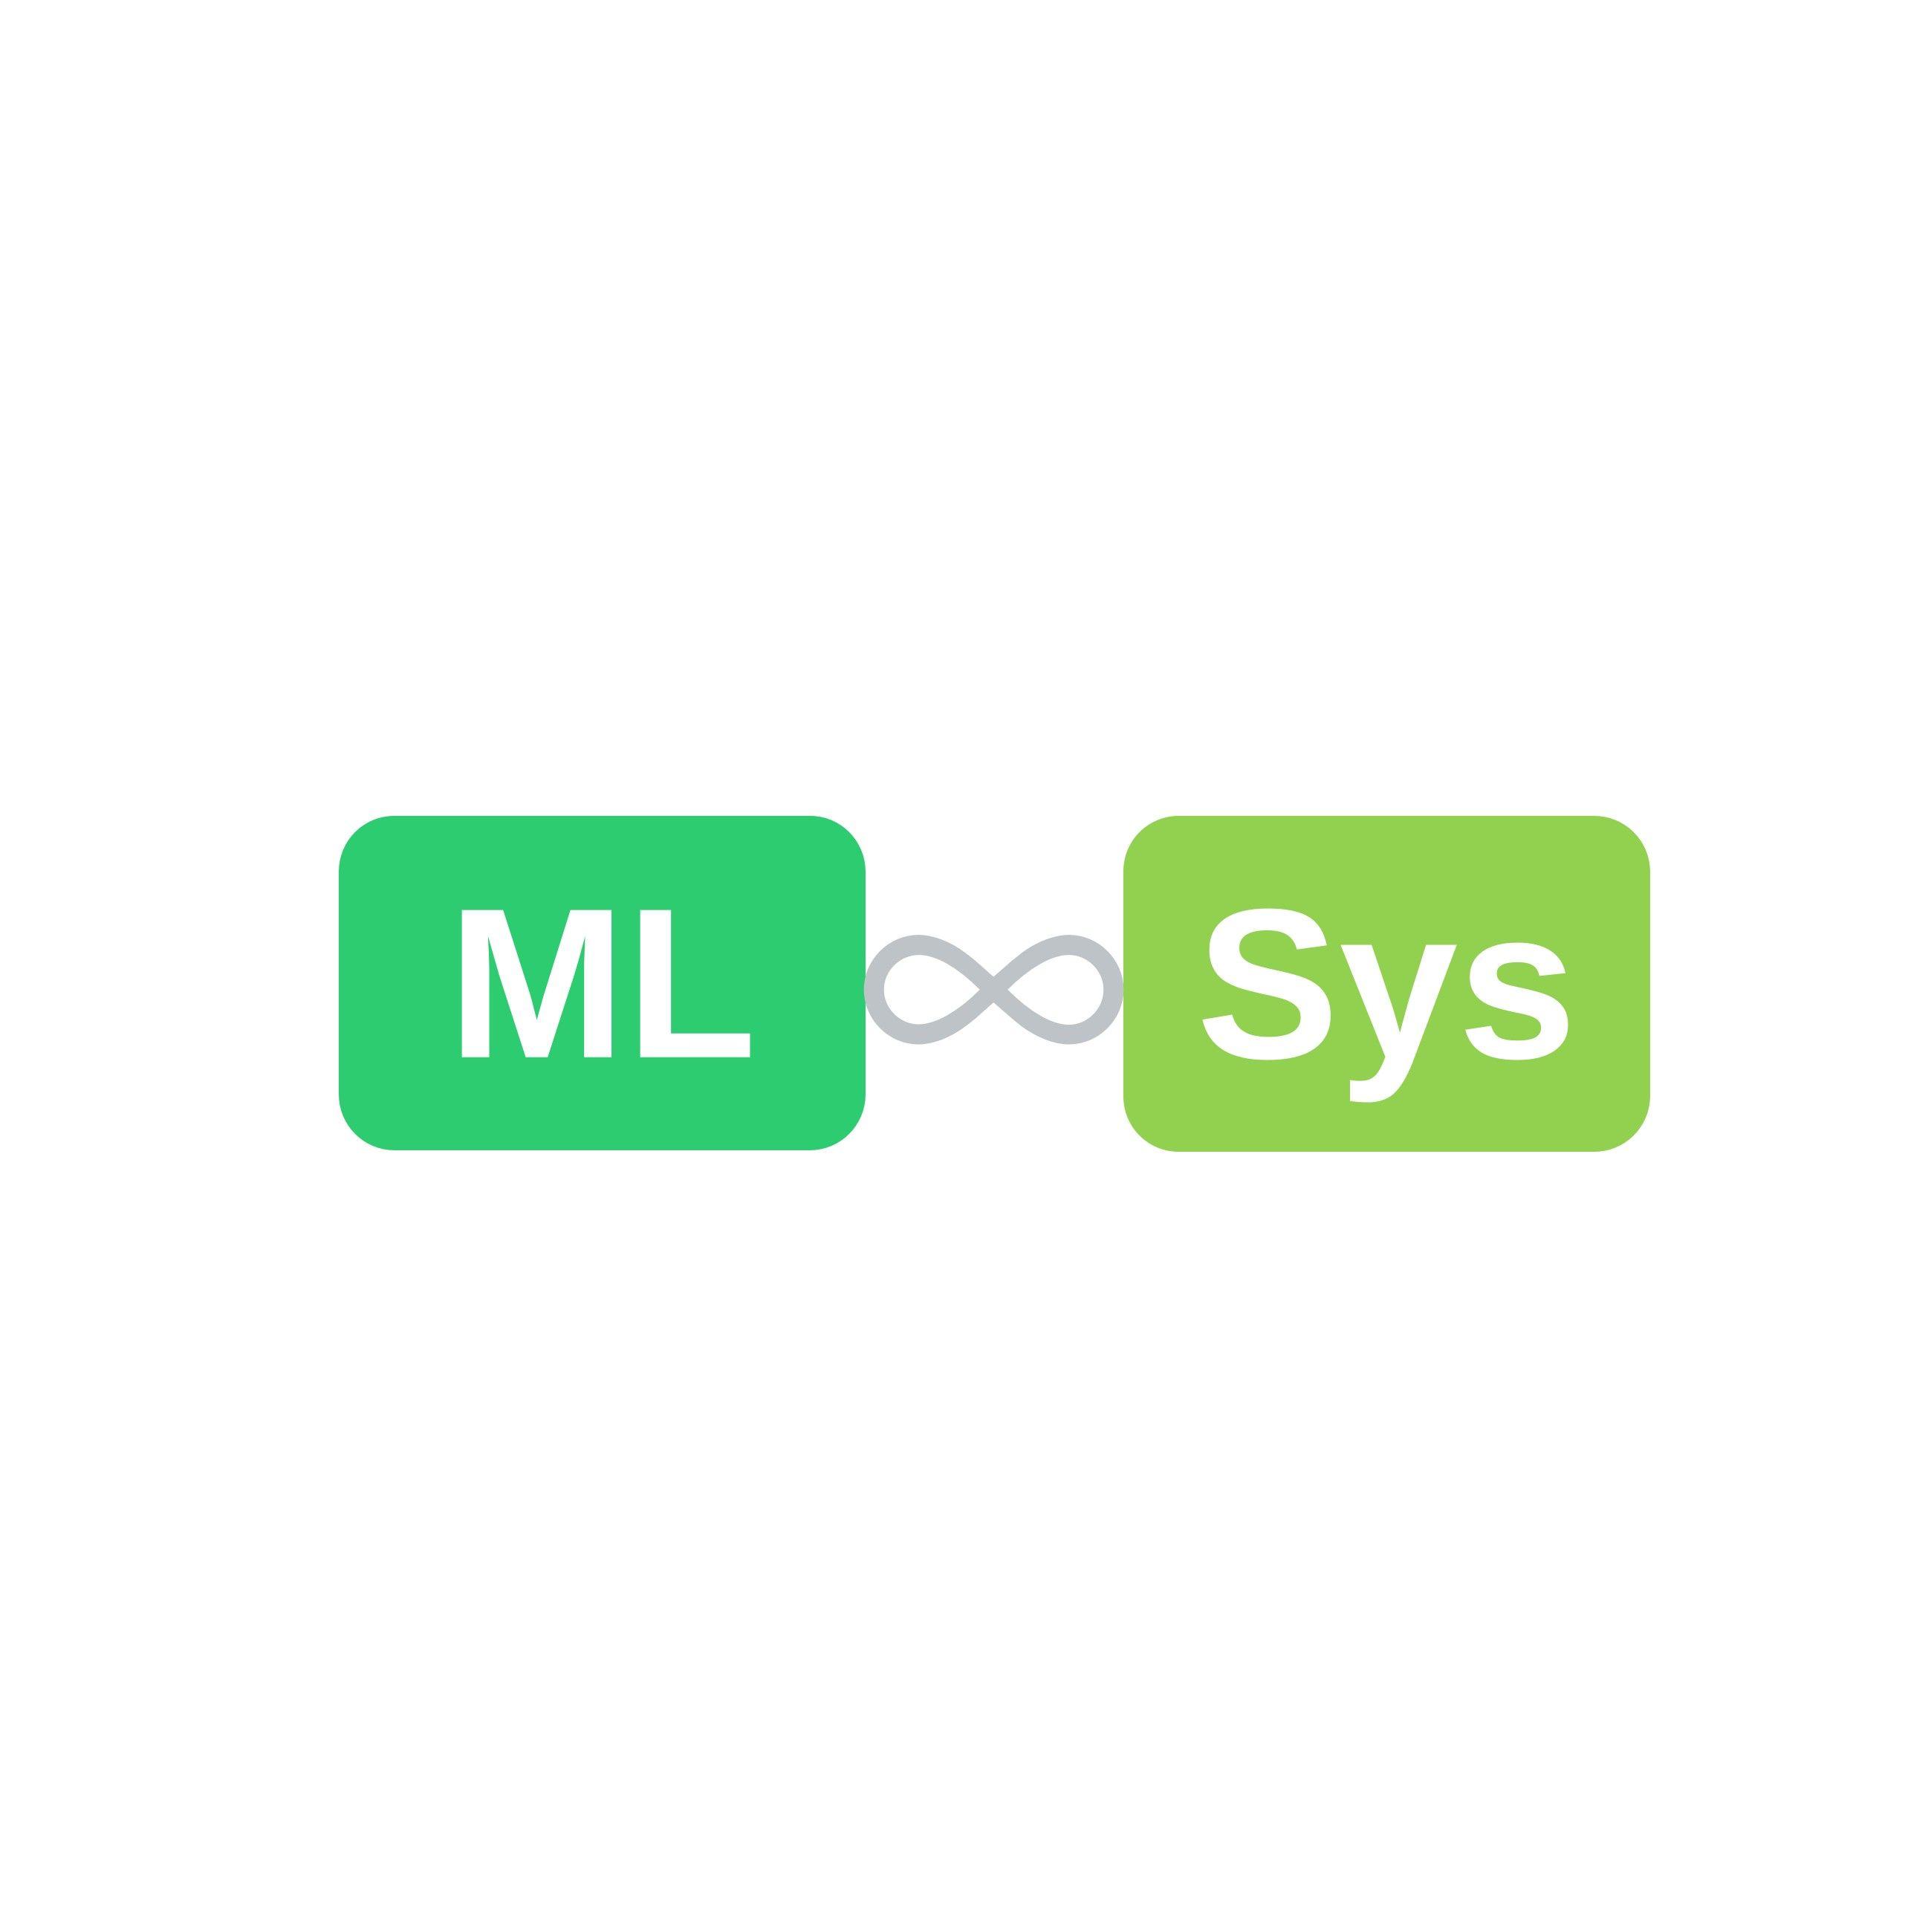 机器学习与系统 - 独家号